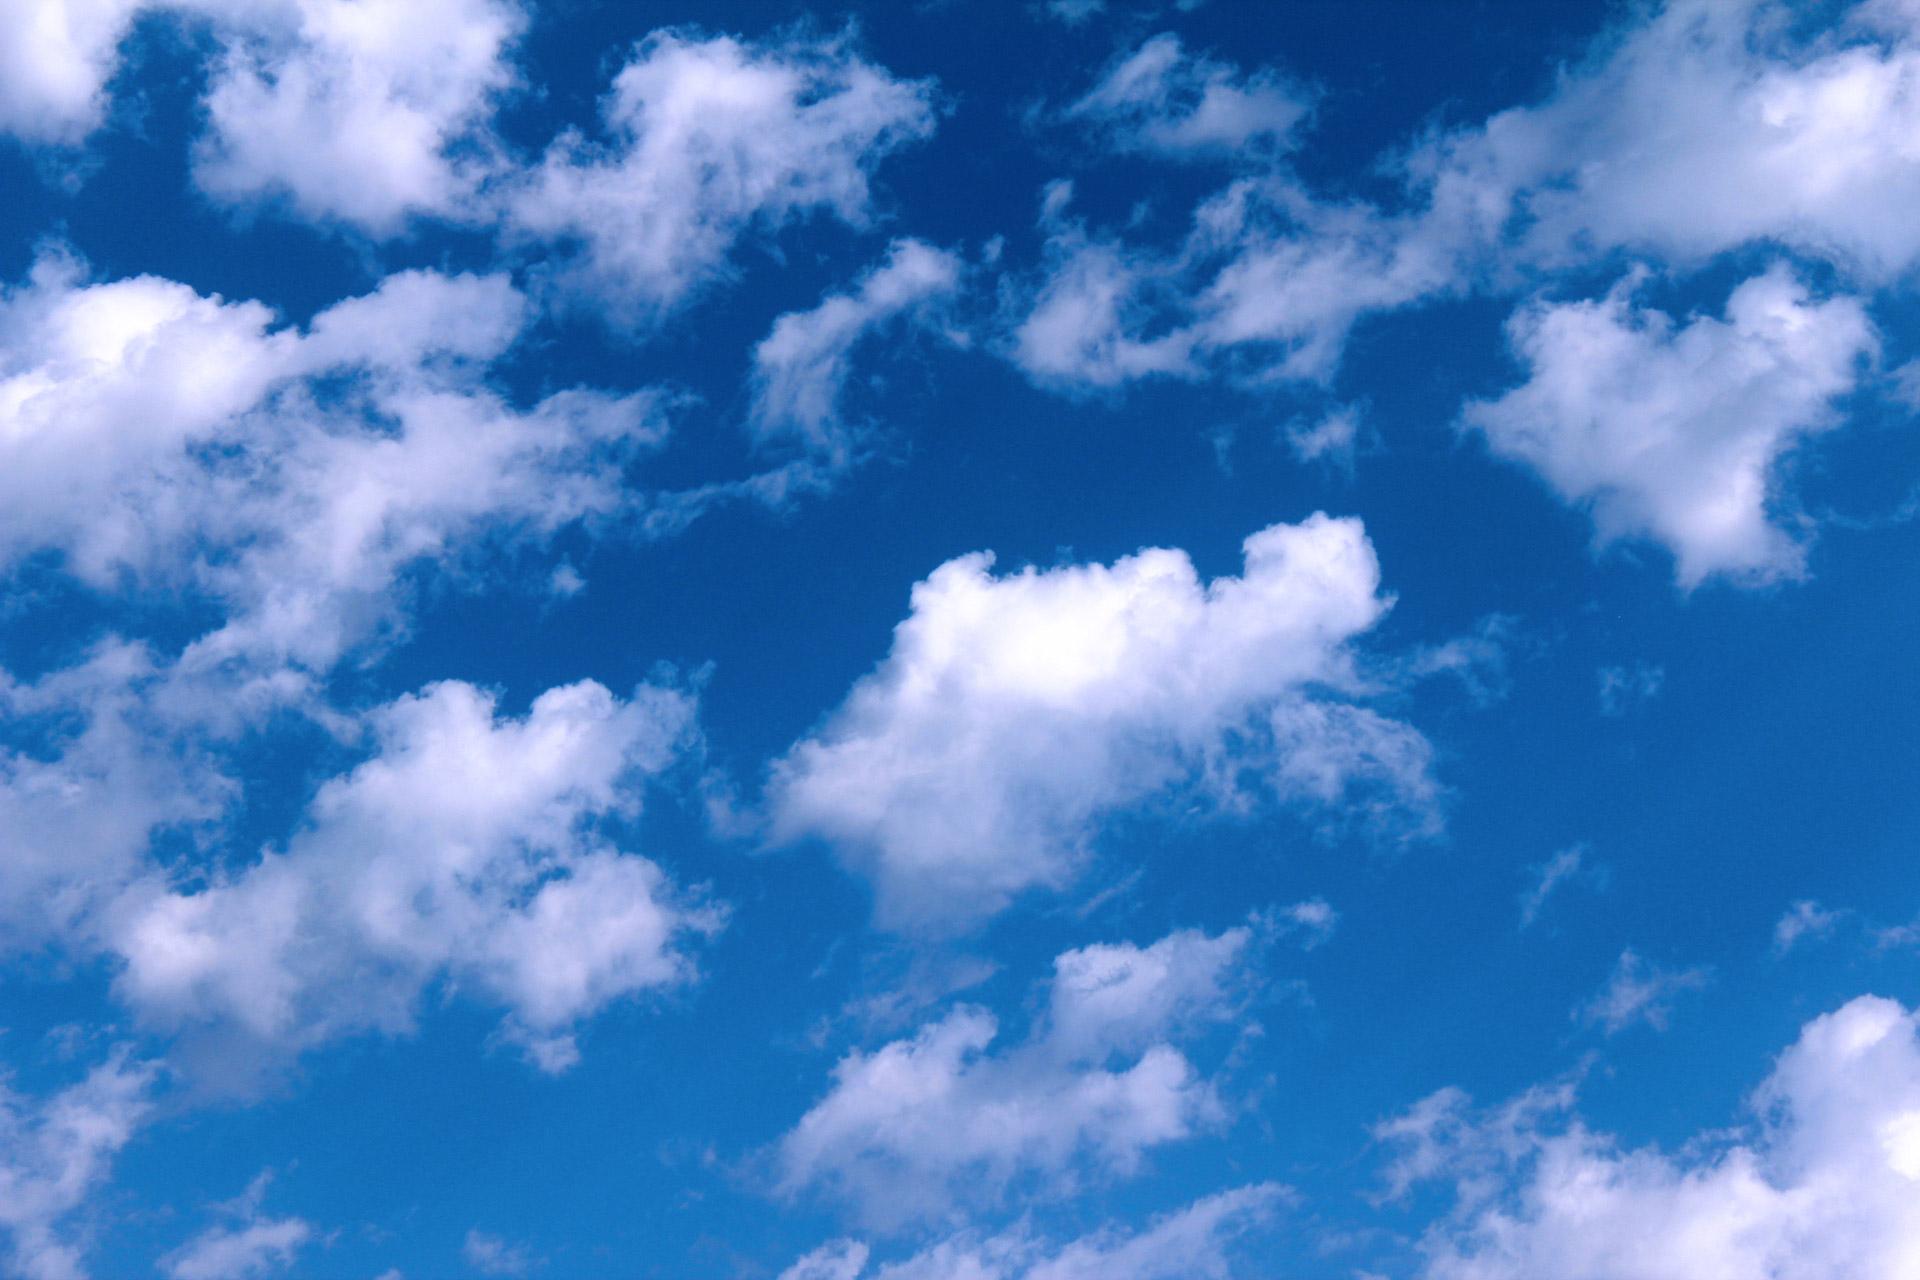 Ảnh những đám mây đang trôi